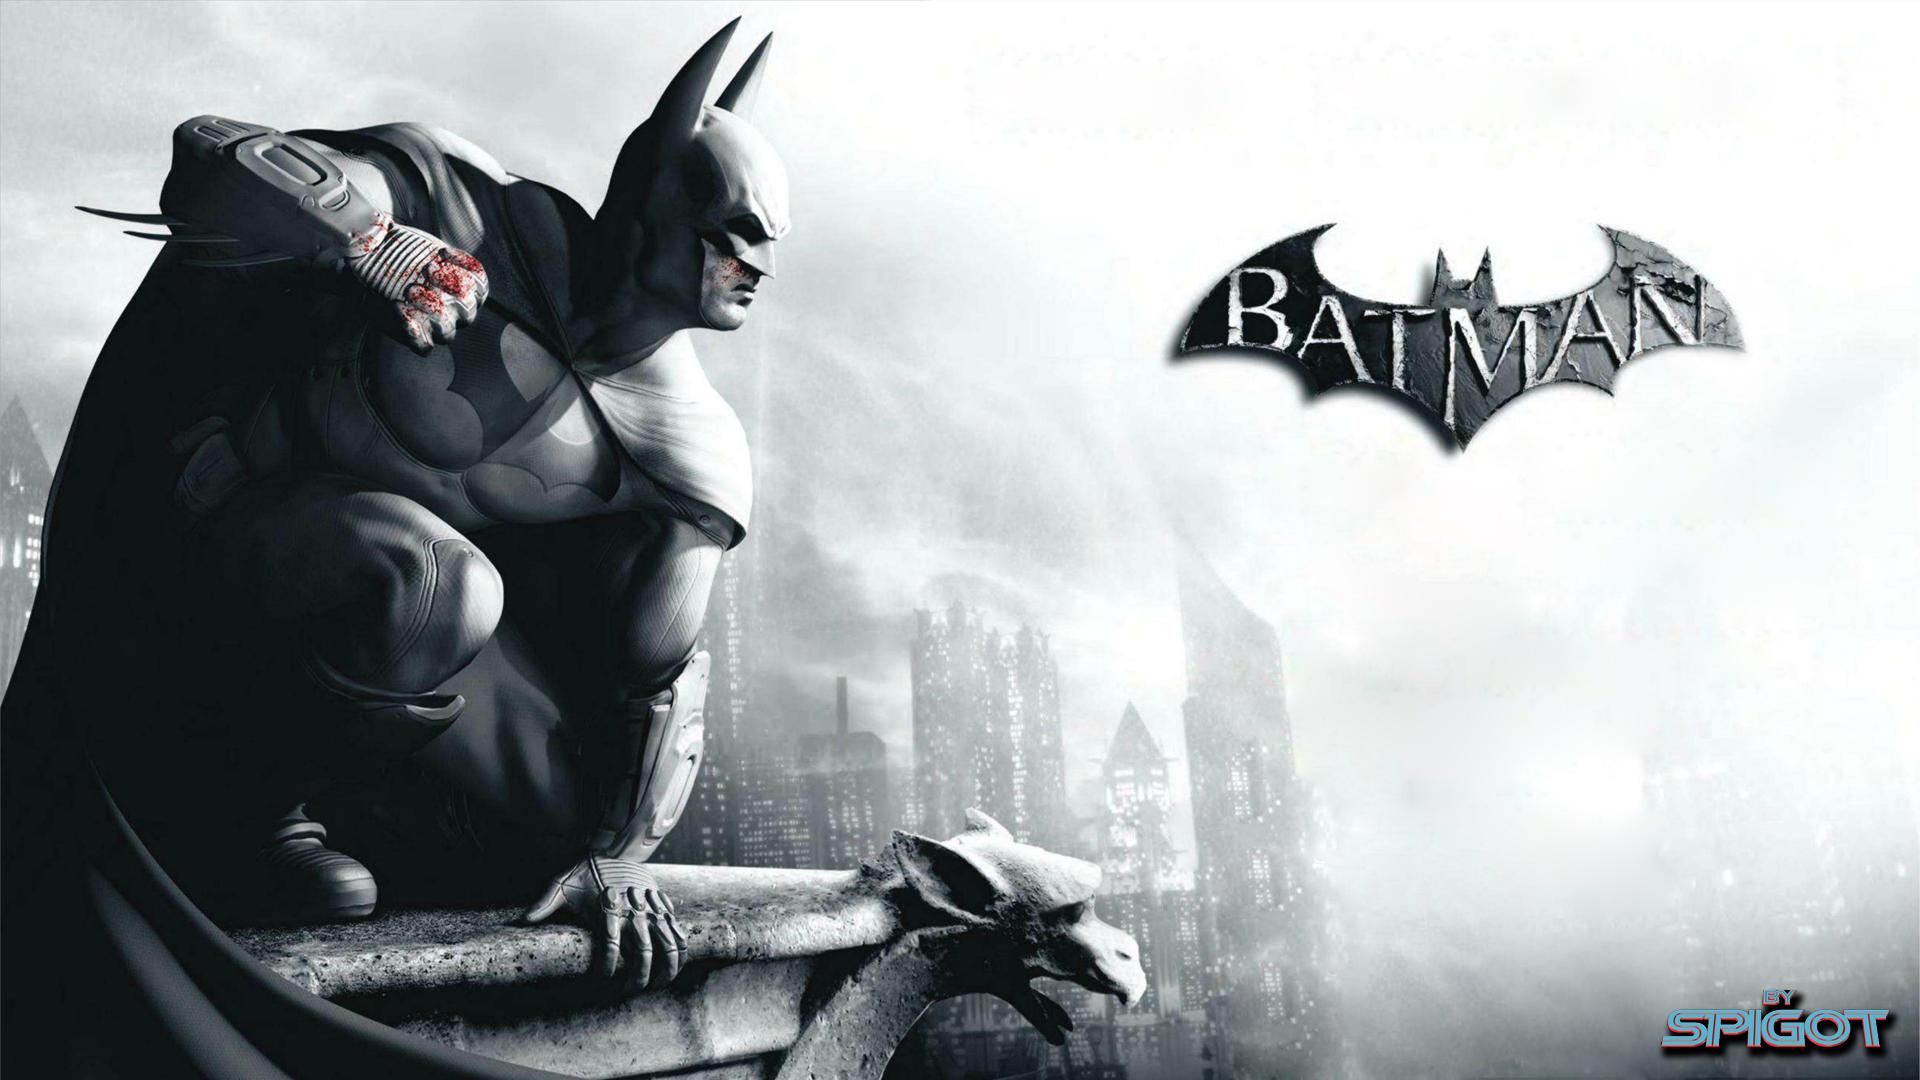 Batman Arkham City Wallpaper Arlequina: Batman Arkham City Xbox 360 Wallpaper